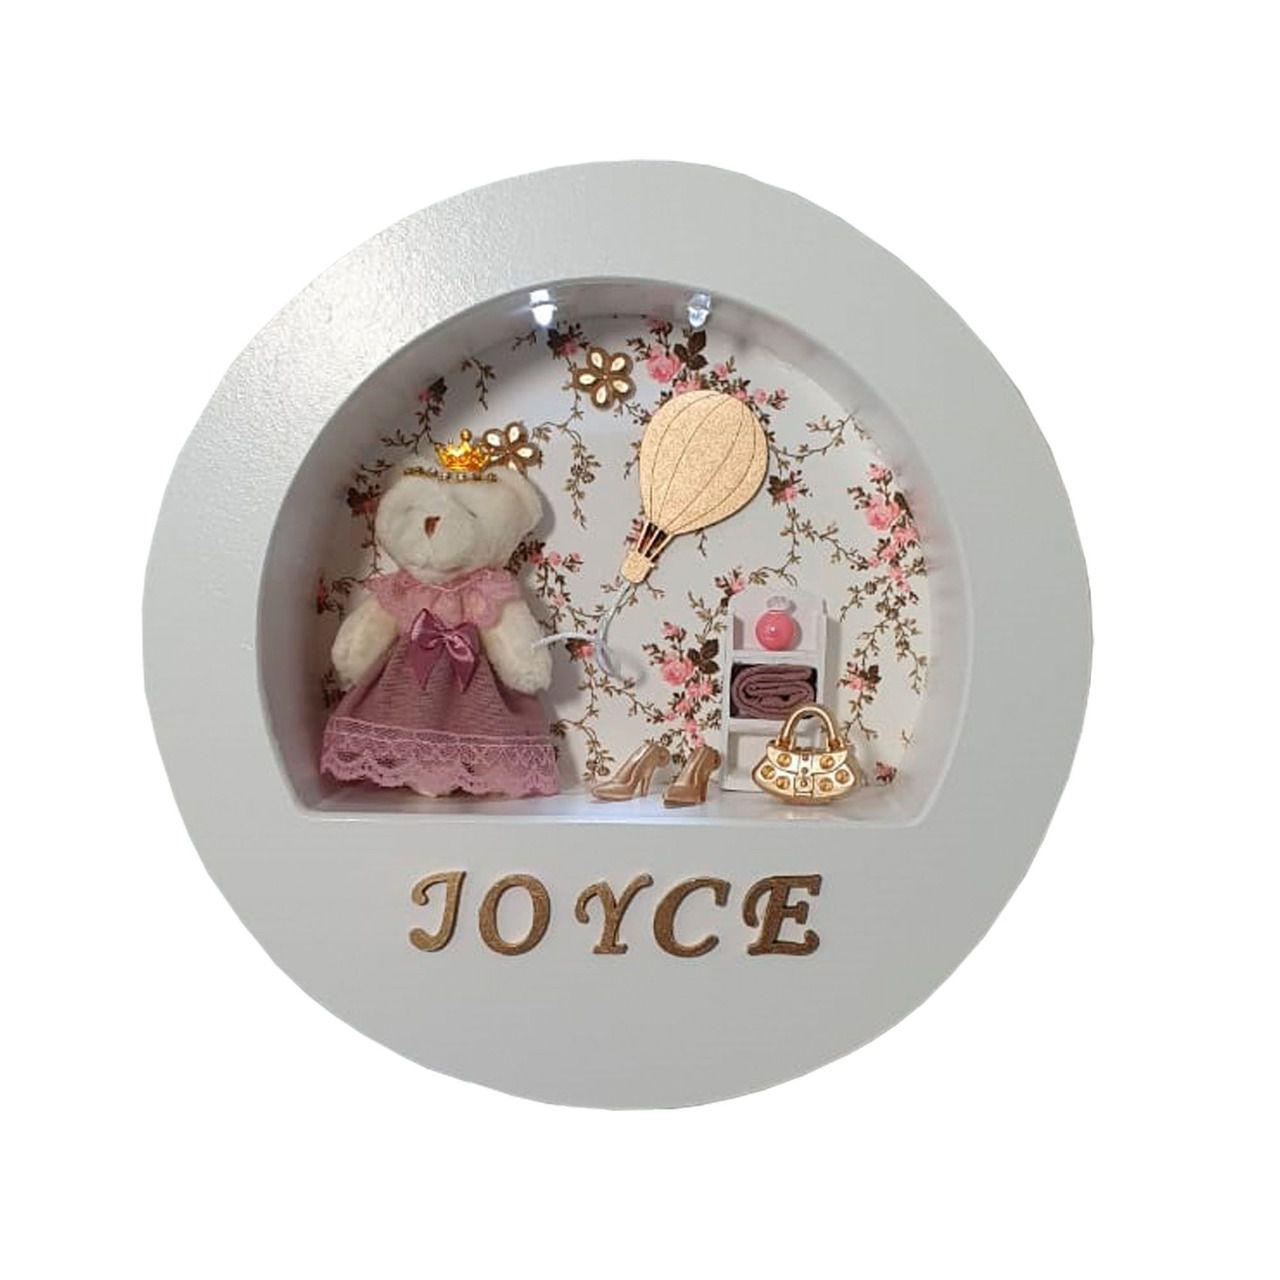 Quadro maternidade redondo  tecido floral ursa com nome da bebê